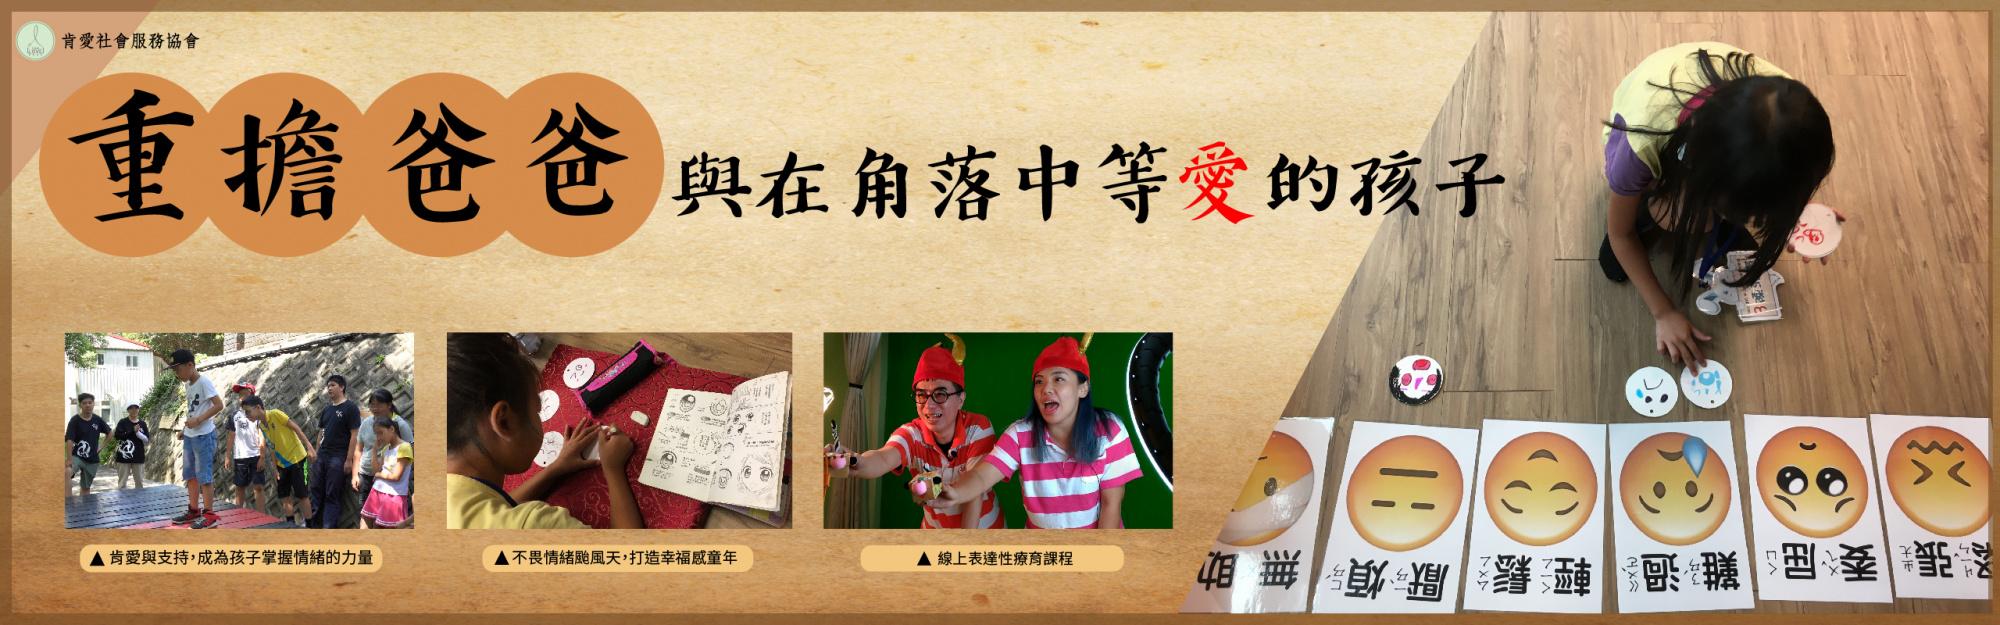 官網banner.jpg